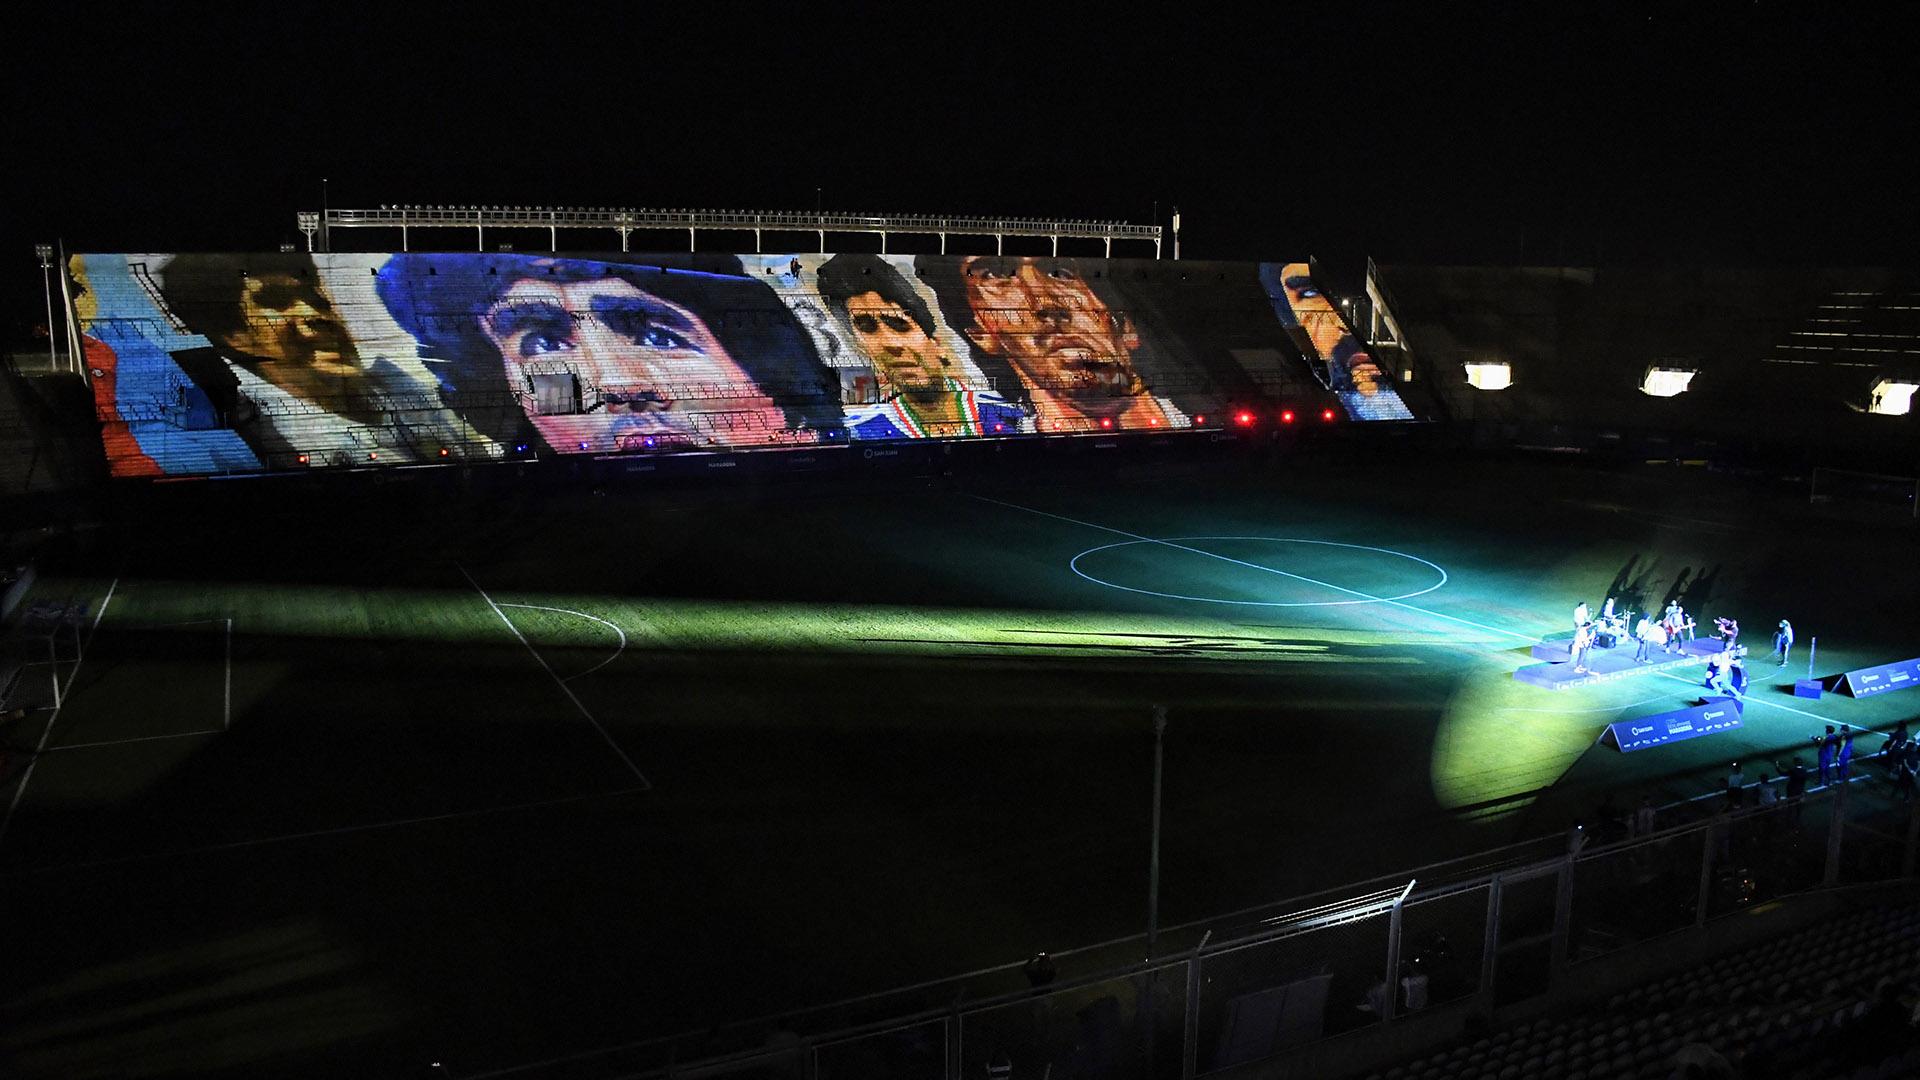 La banda de rock formada por futbolistas le rinde tributo a Maradona. Una gran idea en la previa de la final